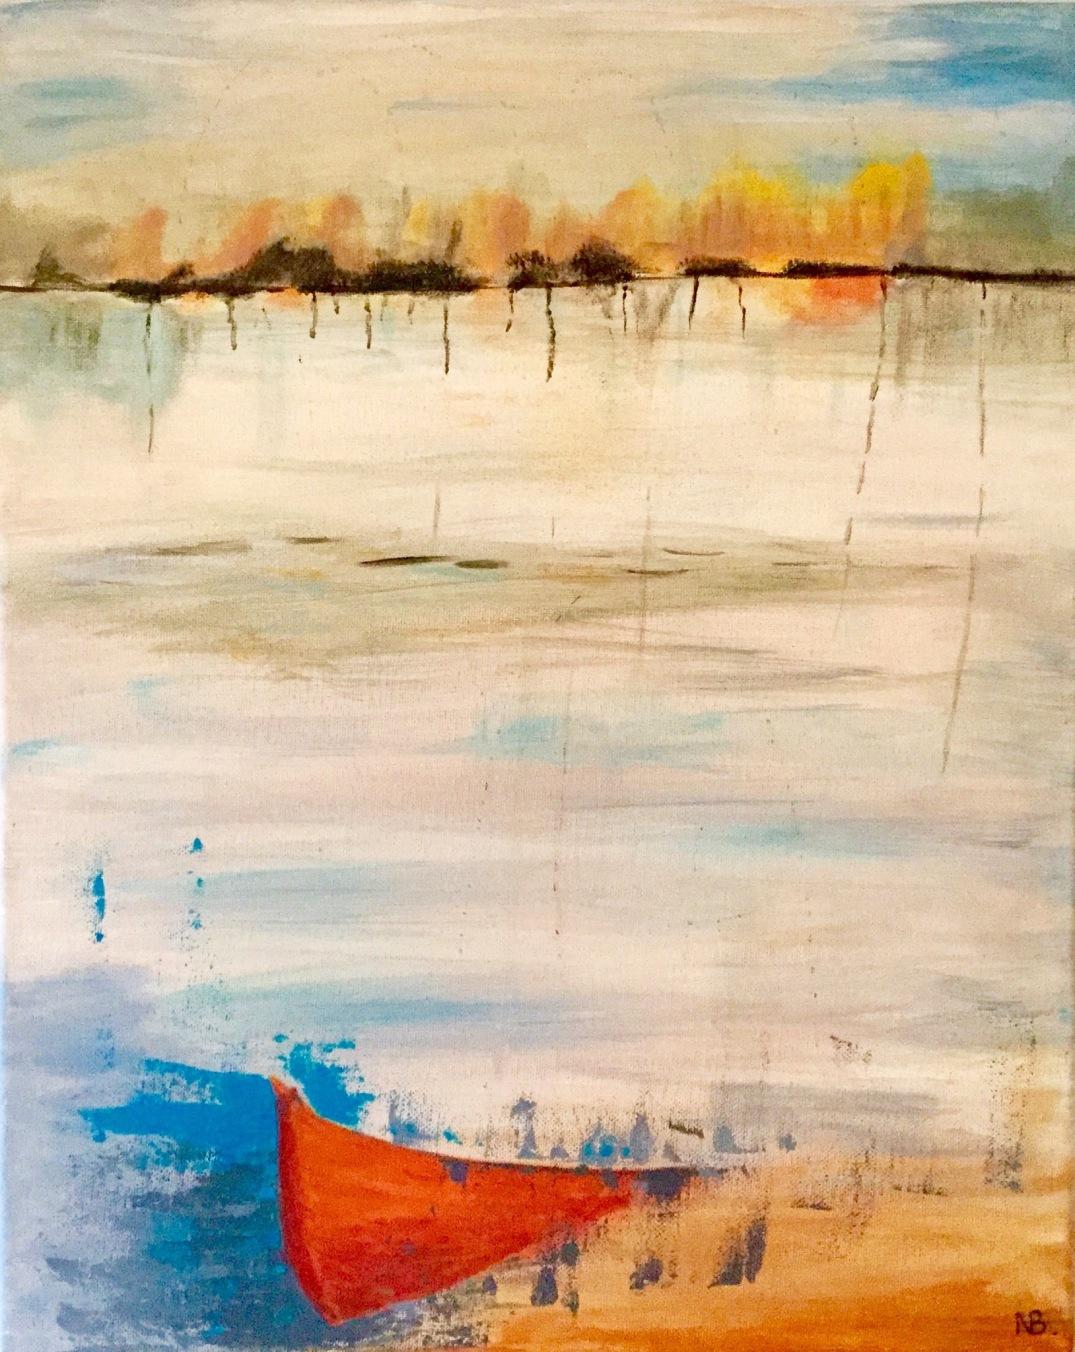 Lost Boat (2015) 16x20